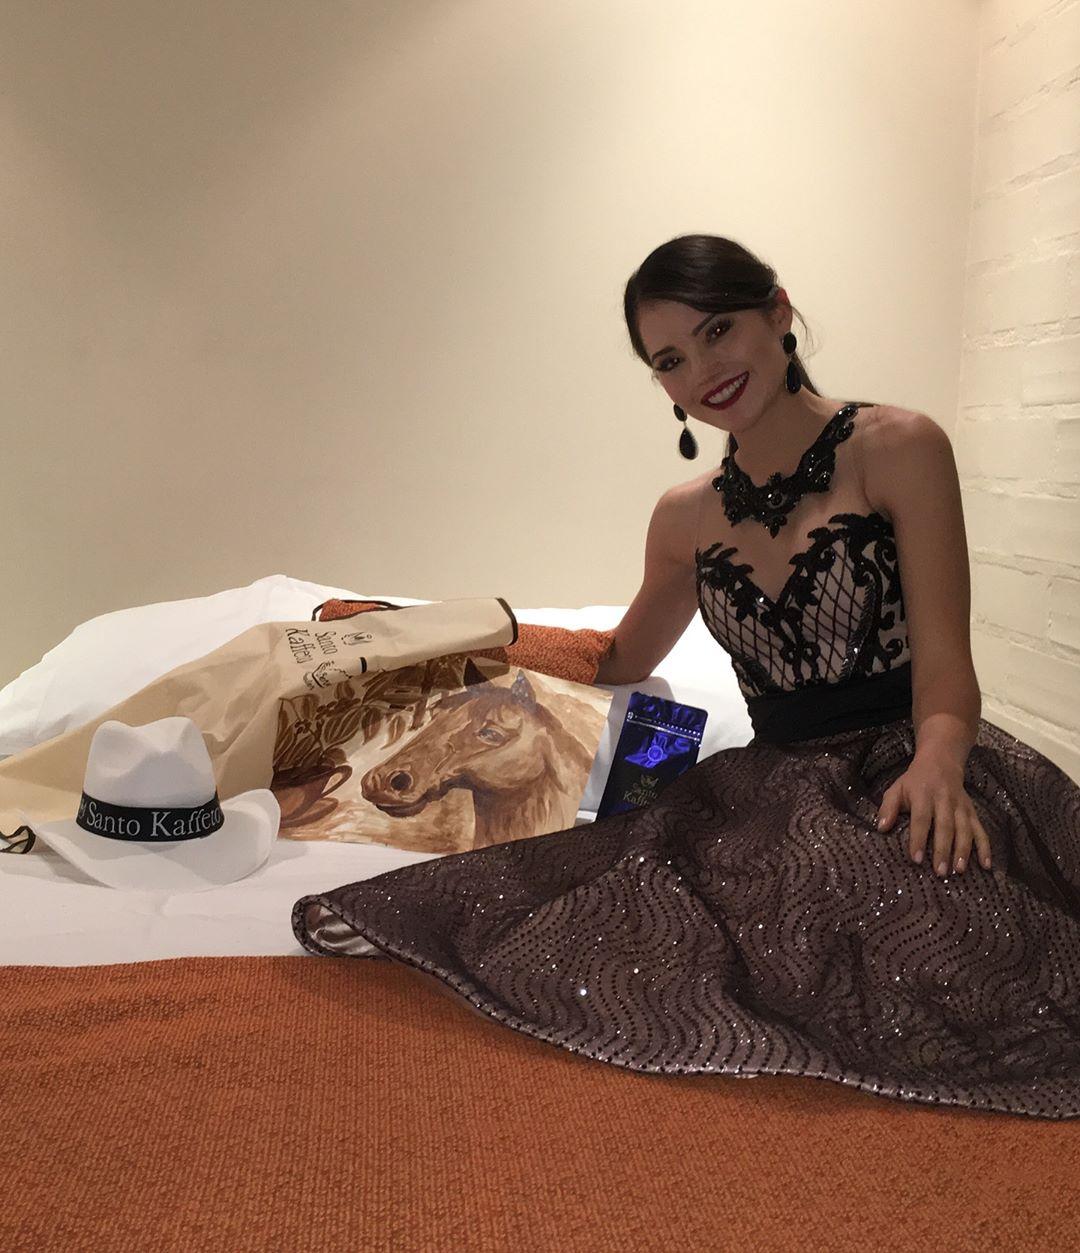 maria sofia contreras trujillo, segunda finalista de reynado internacional cafe 2019. - Página 5 49907010